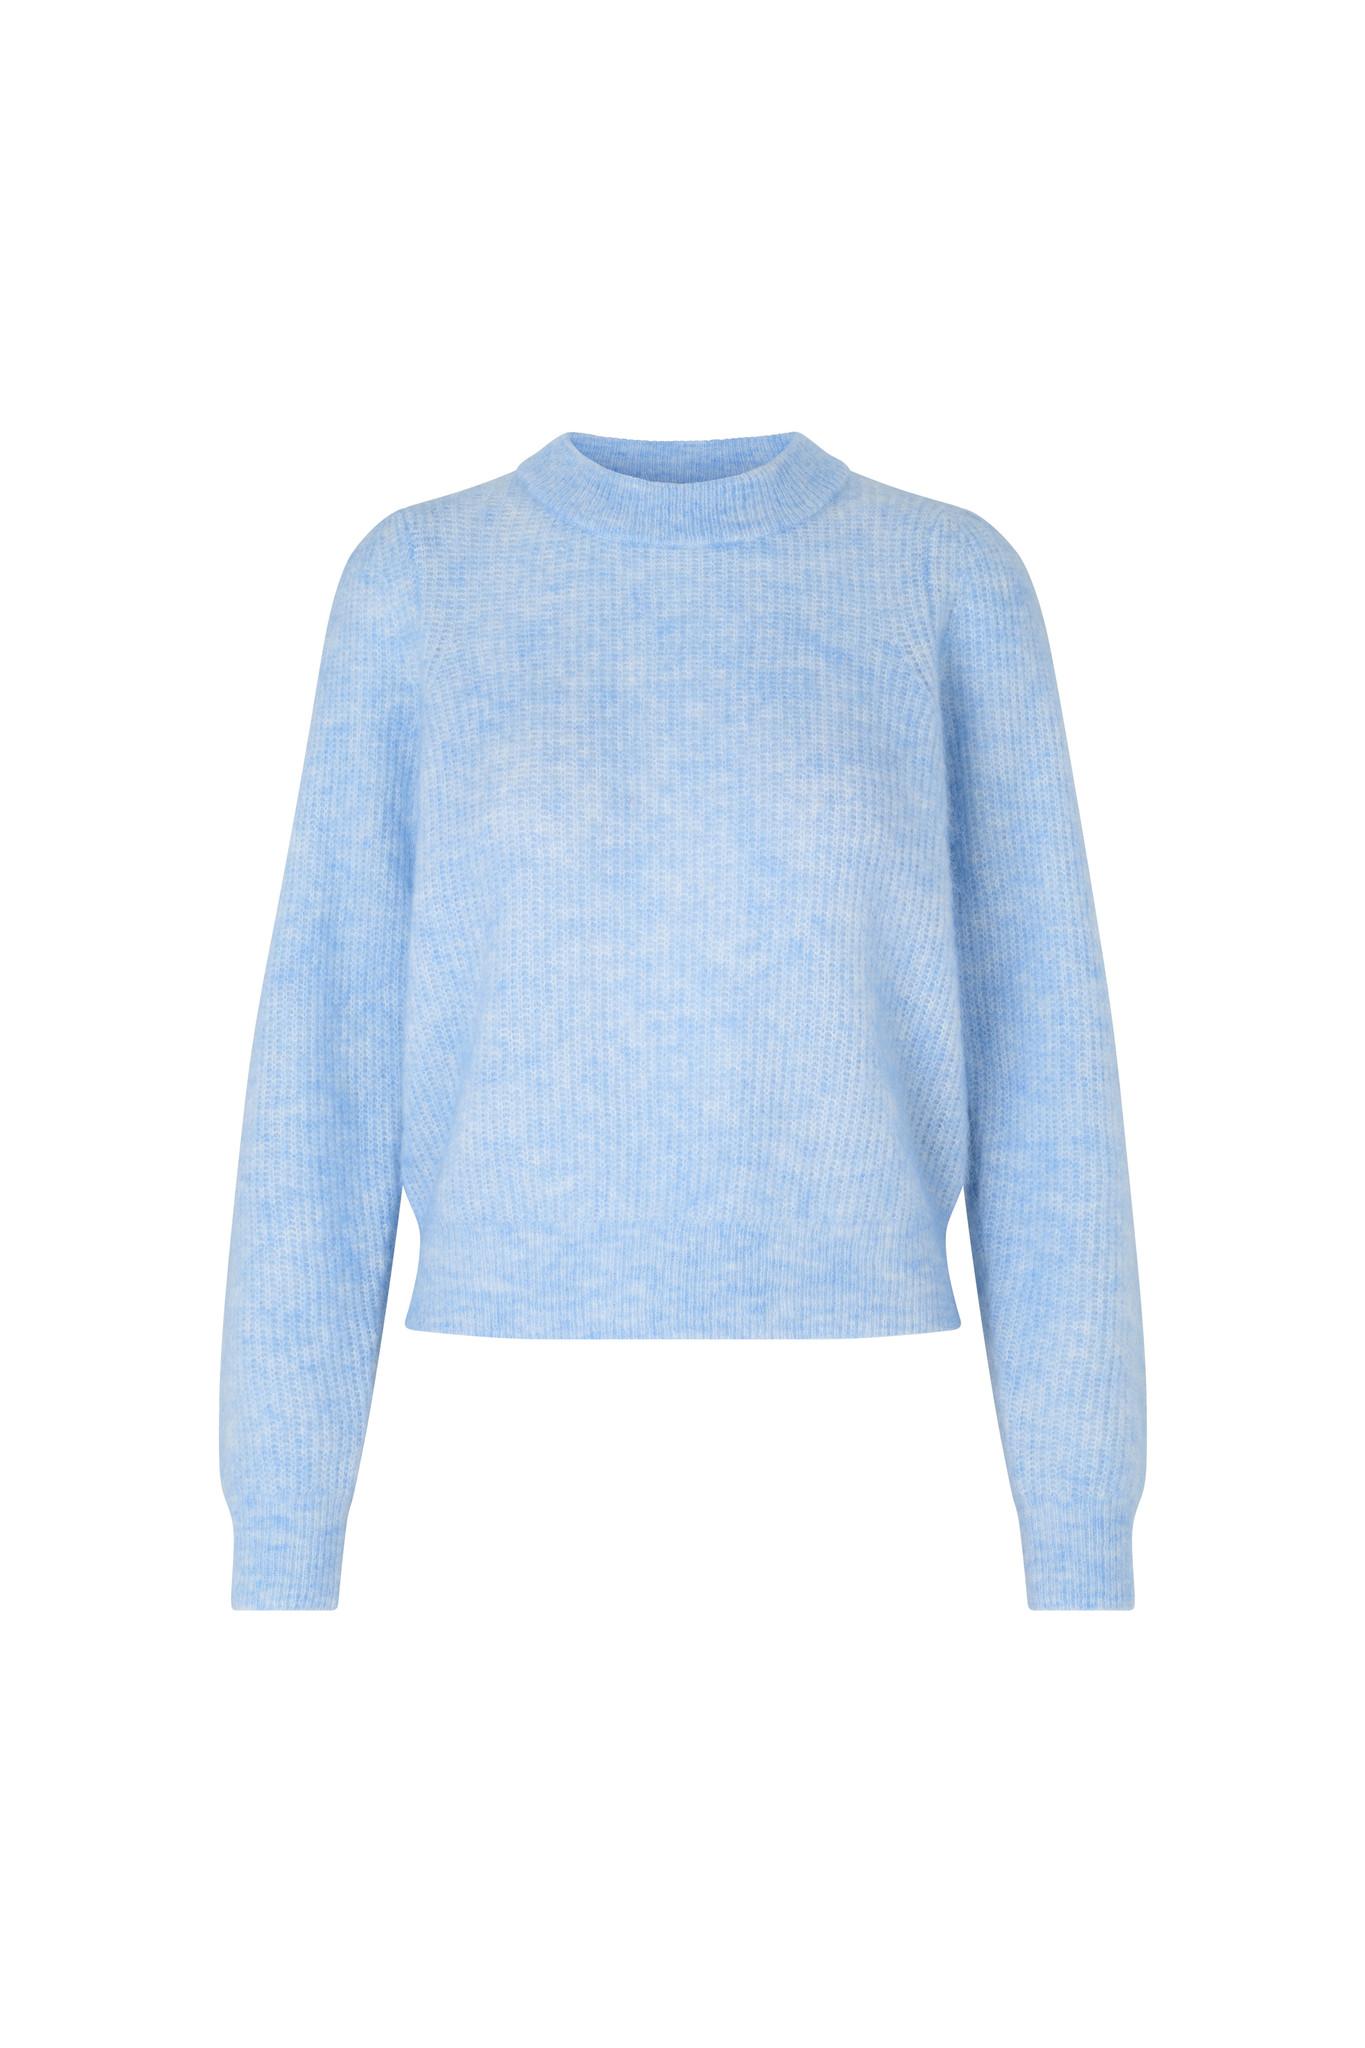 Brooky Knit Puff O-Neck - Brunnera Blue-1